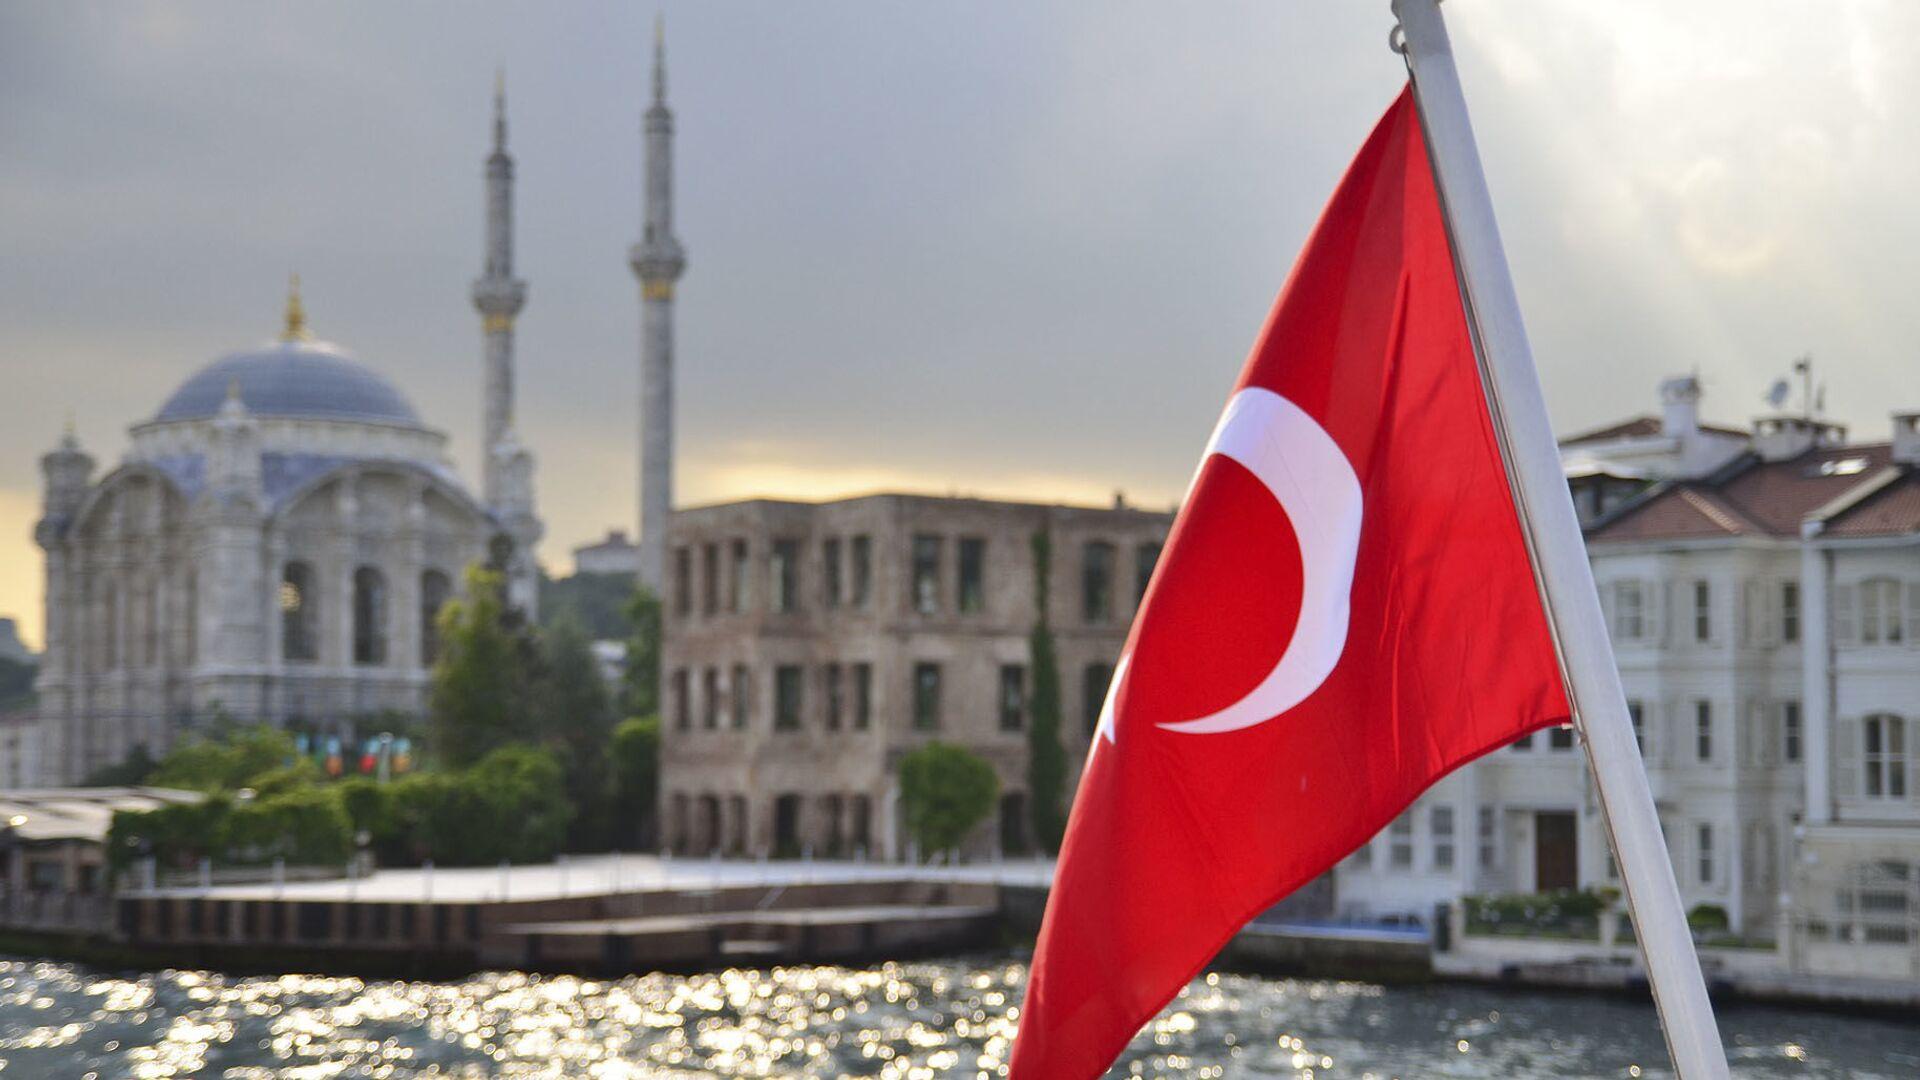 Turecká vlajka na pozadí Istanbulu - Sputnik Česká republika, 1920, 14.03.2021